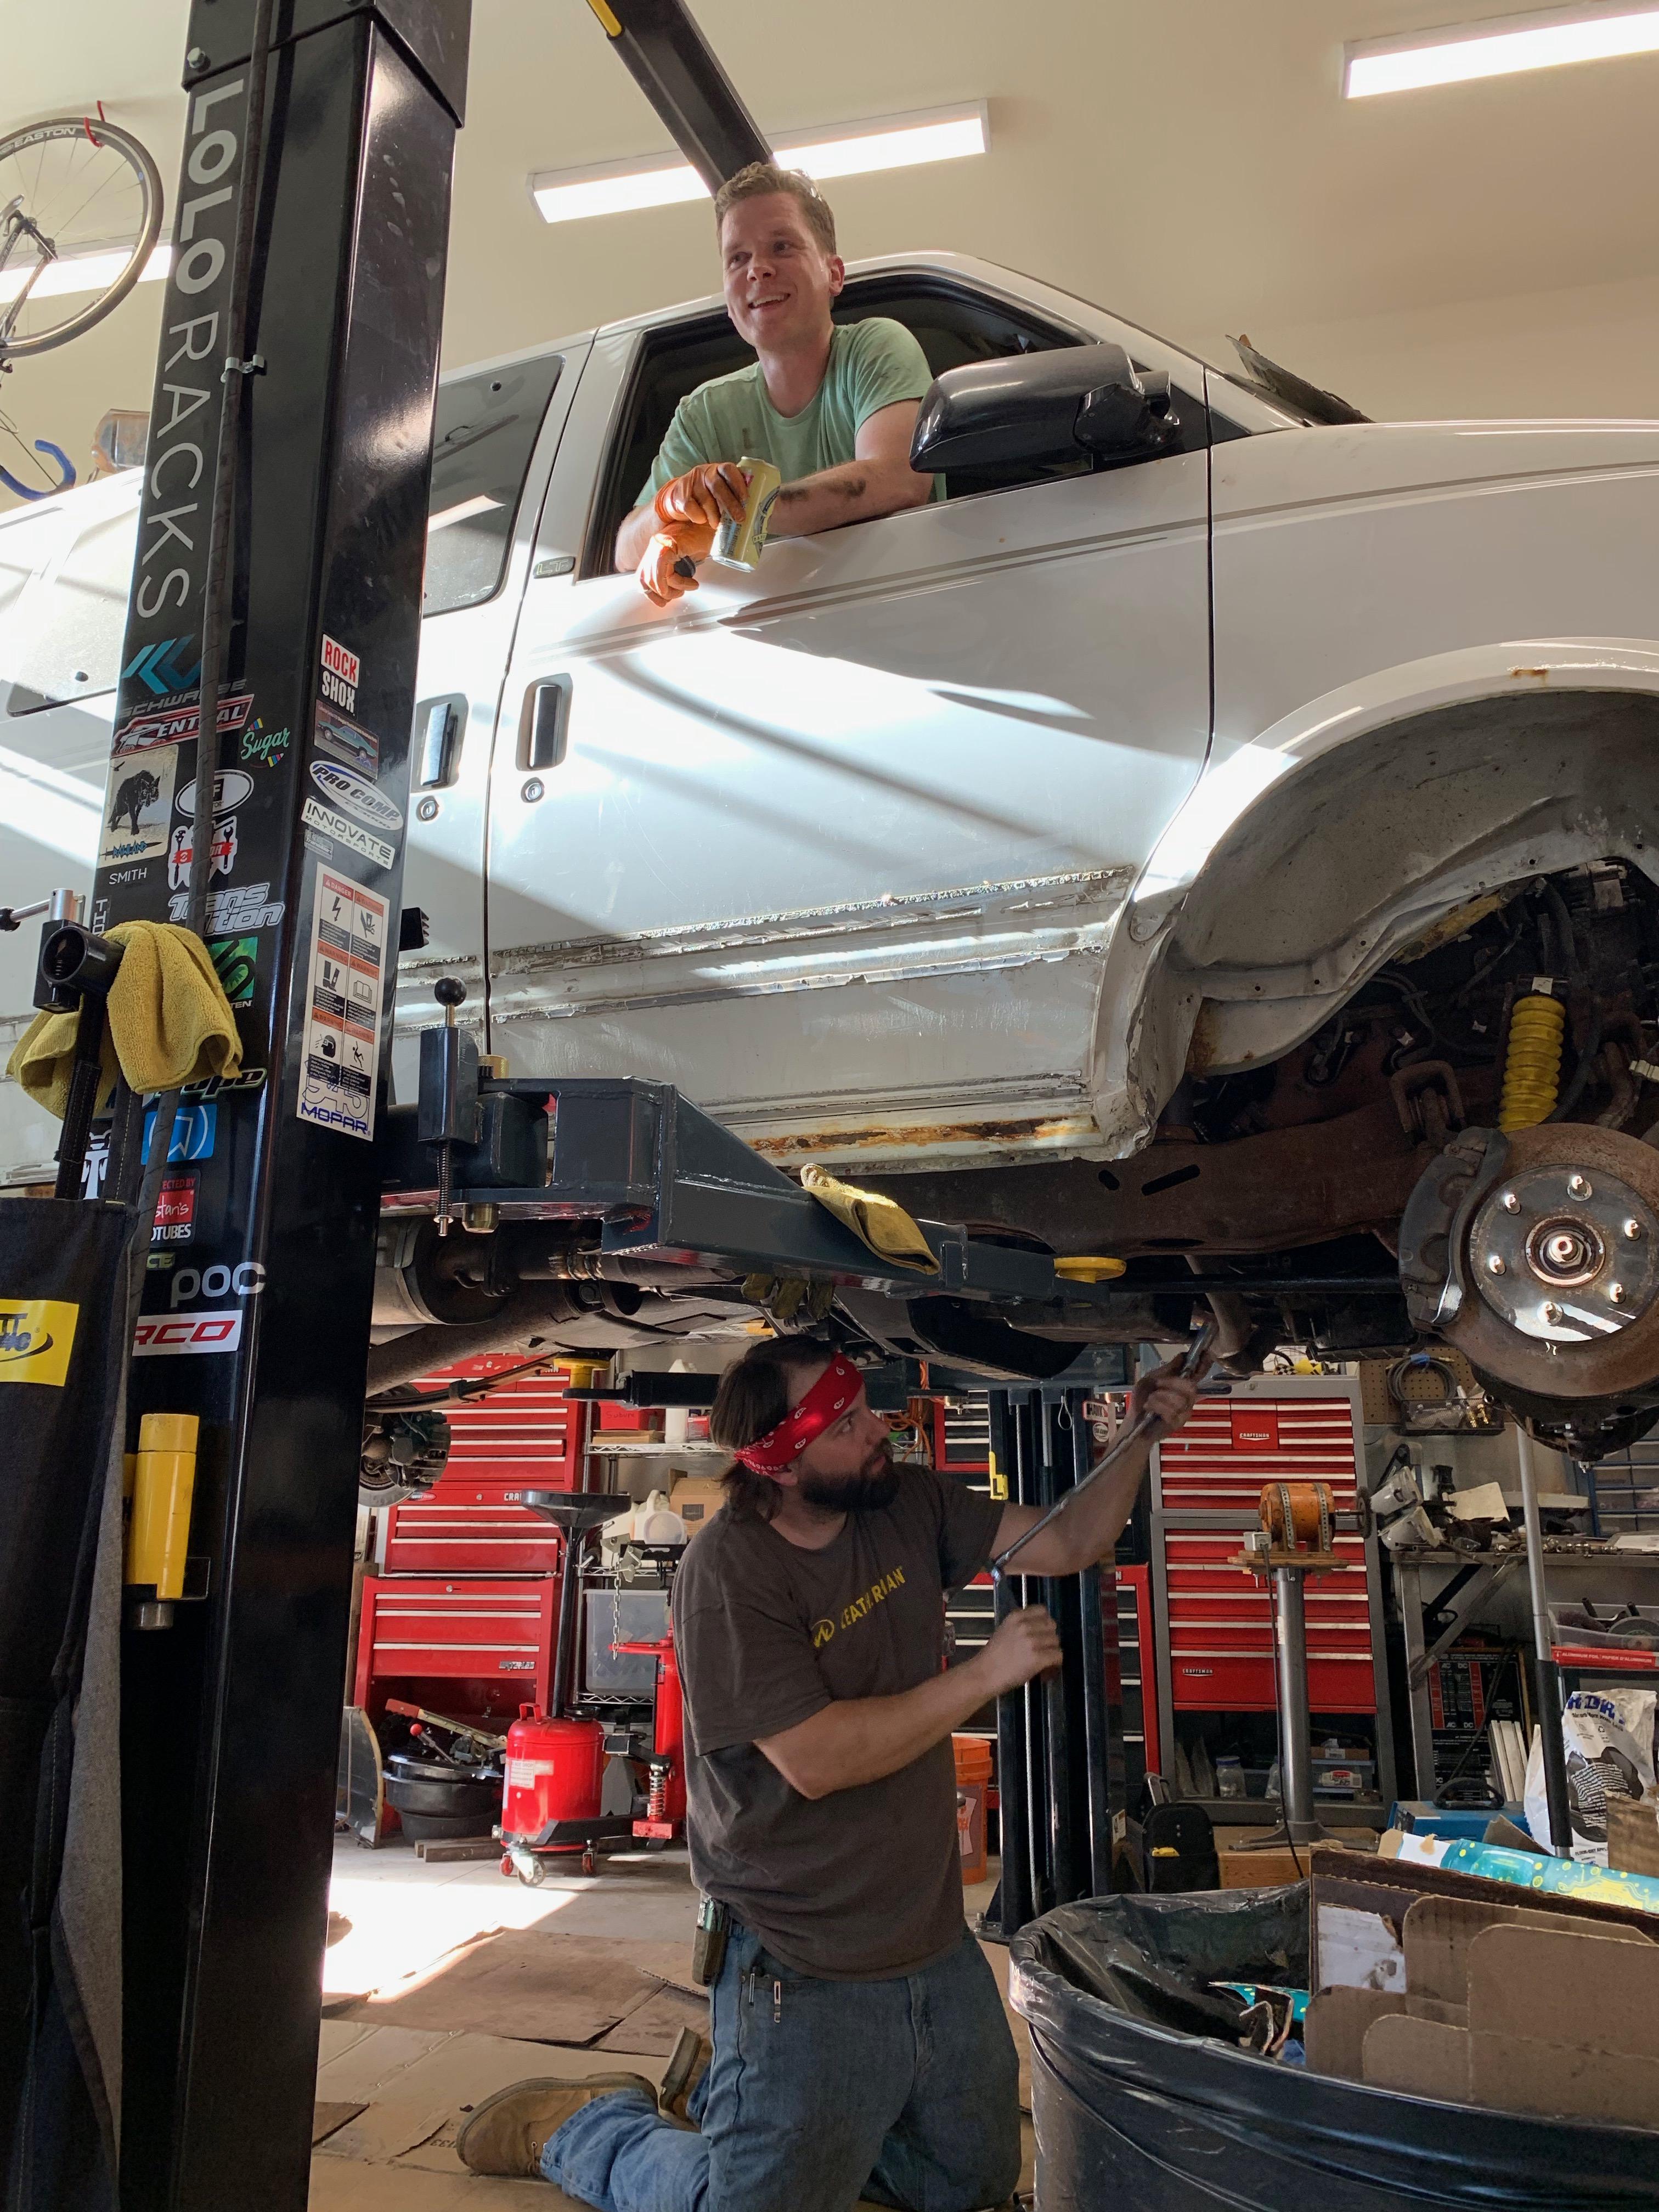 Leatherman engineers working on van.